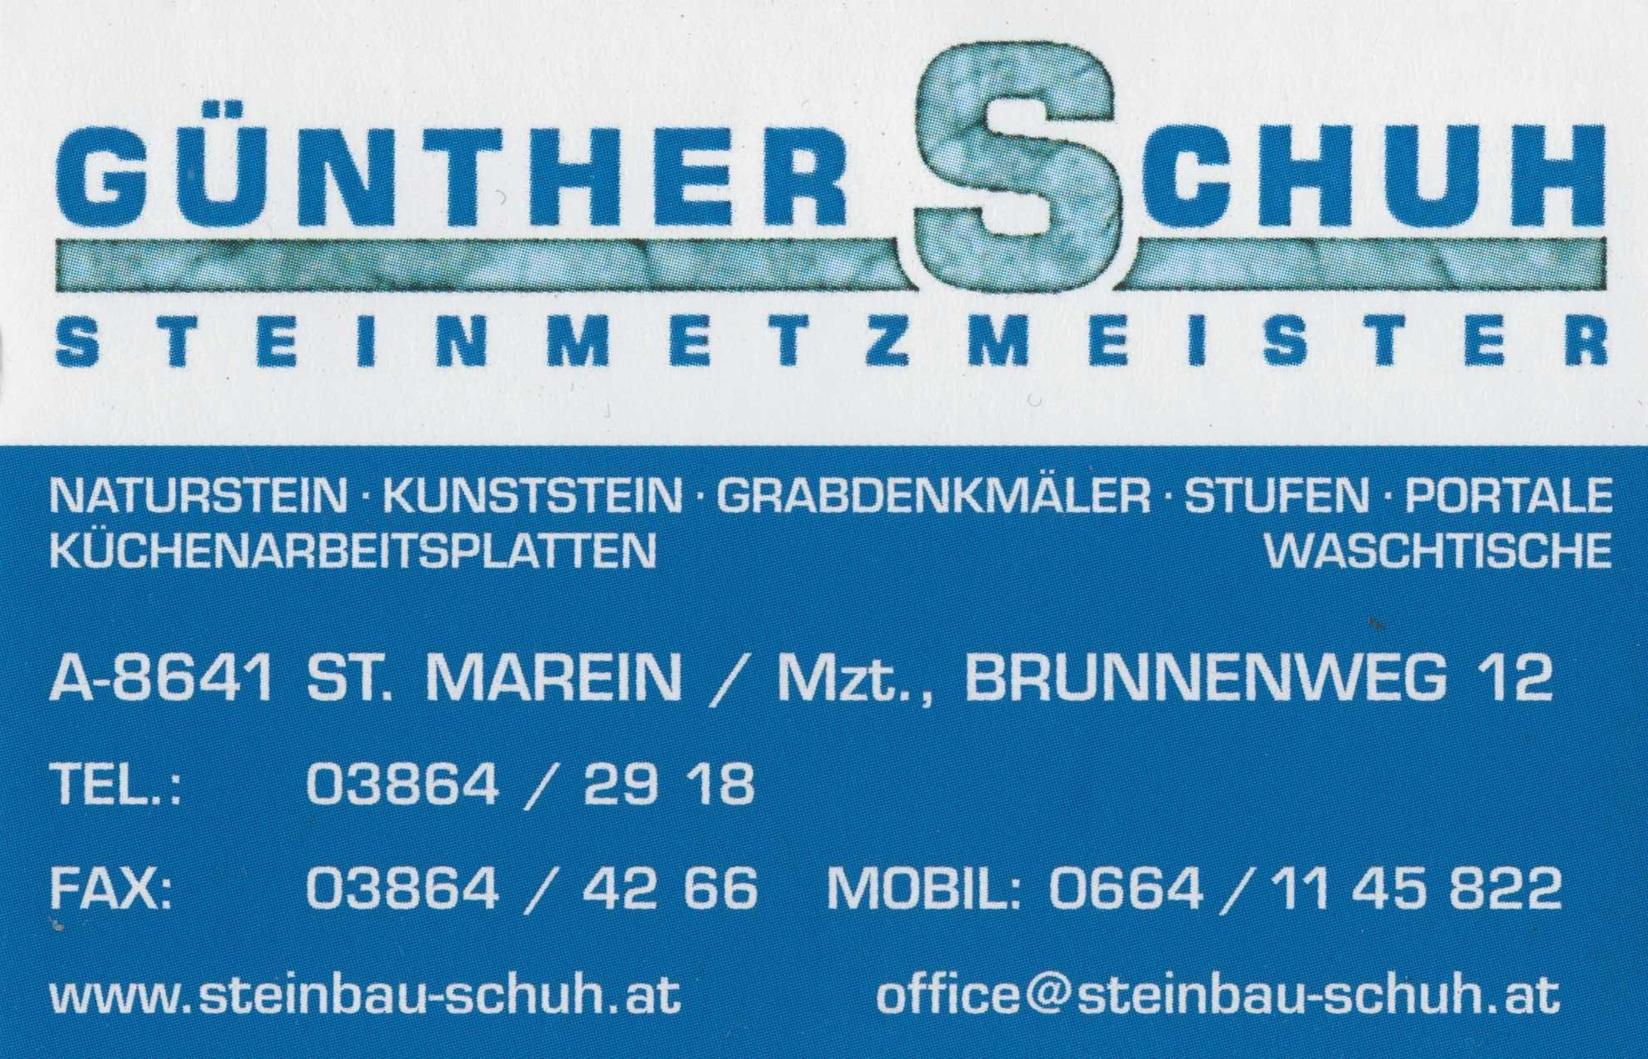 Günther Schuh Steinmetzmeister